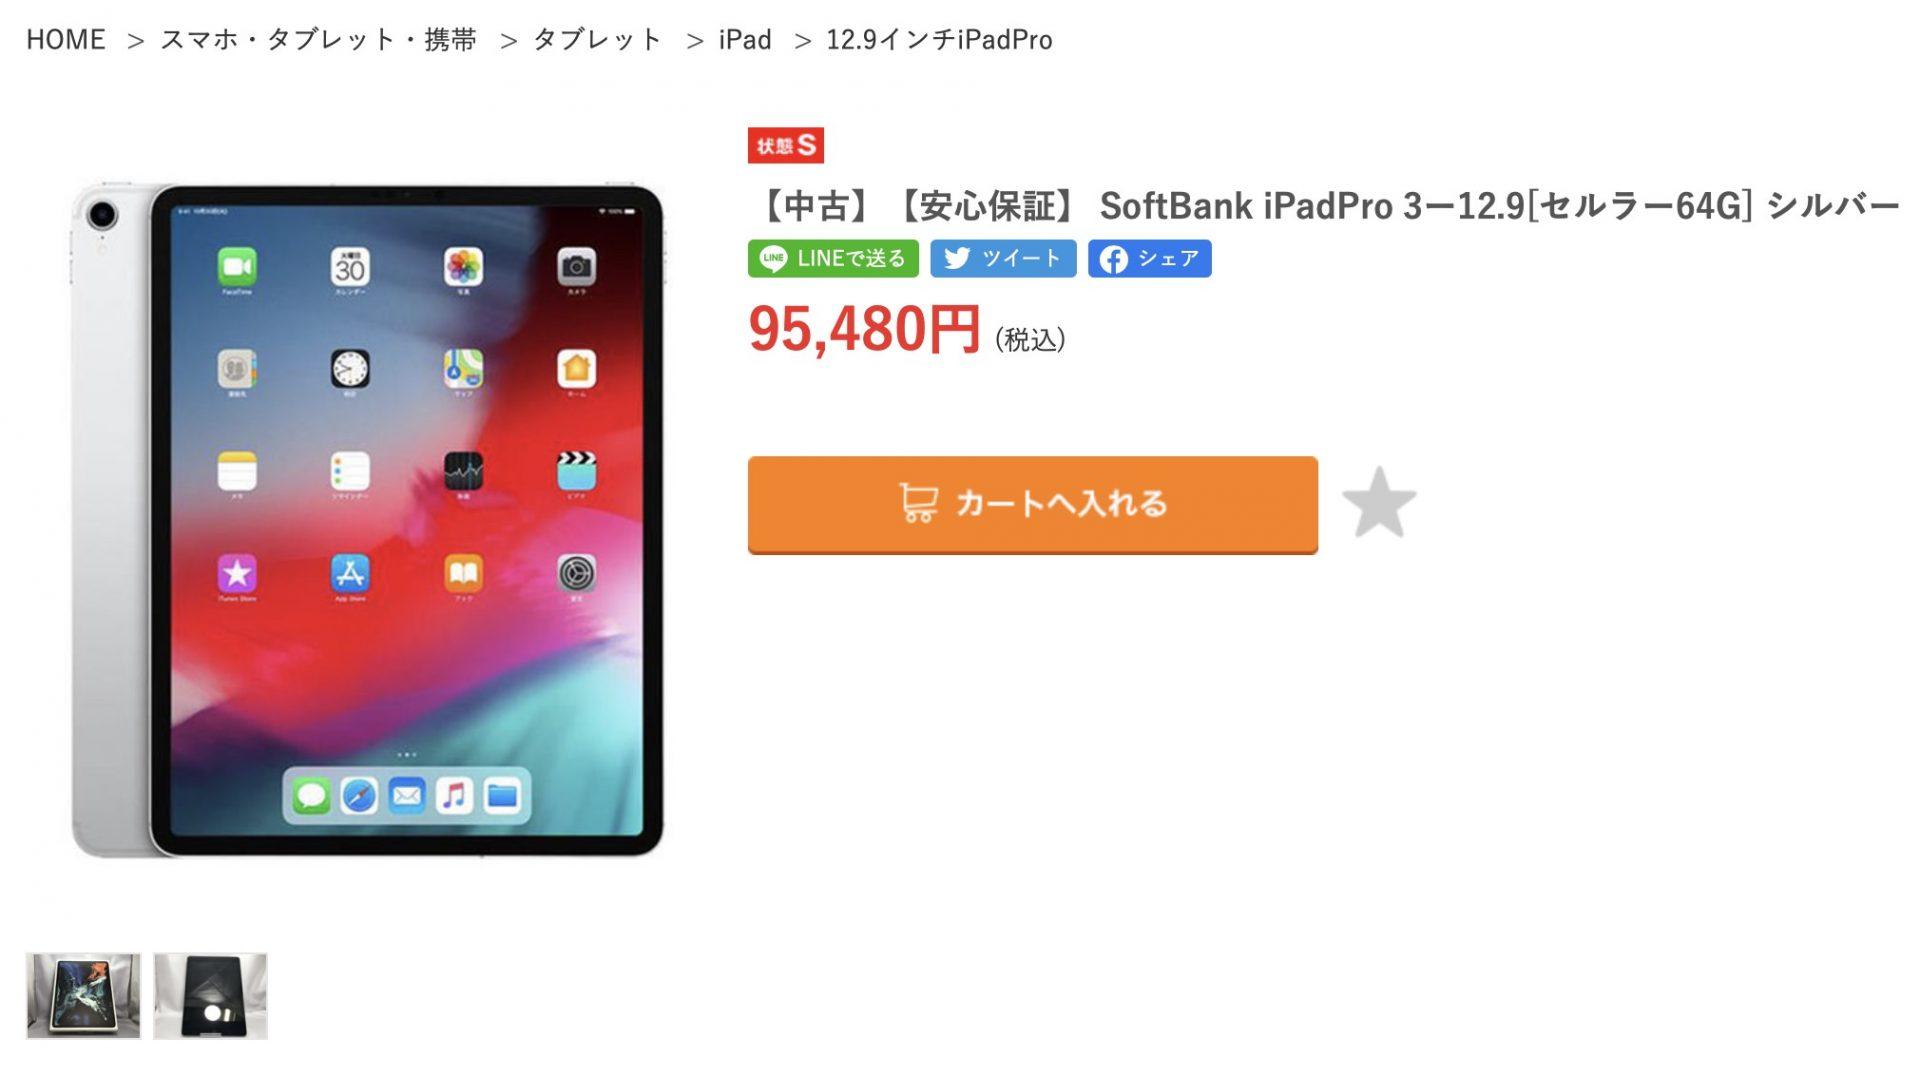 「SoftBank版 iPadPro 12.9インチ第3世代64GBシルバー」が95,480円で販売されてる